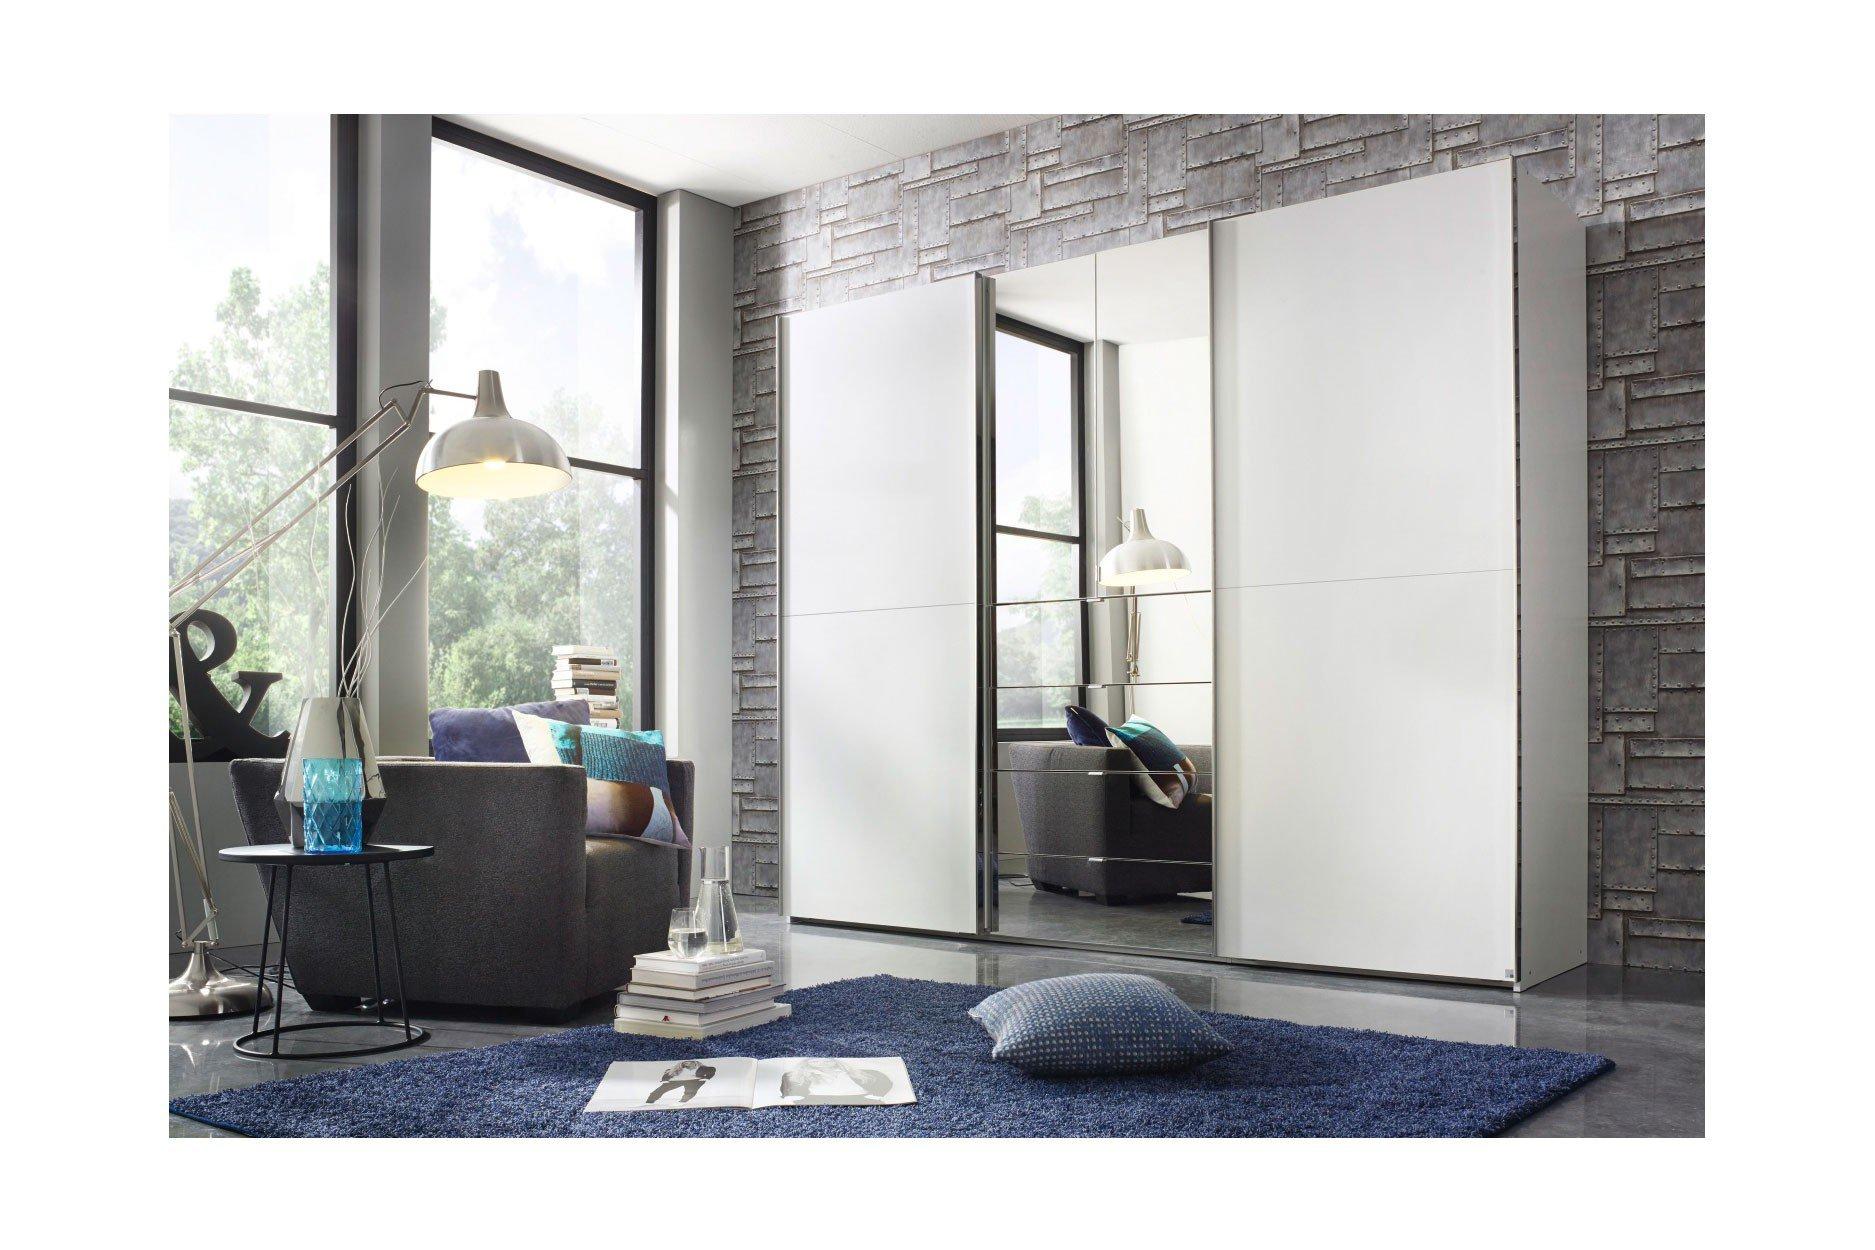 rauch baylando kombischrank wei spiegel m bel letz ihr online shop. Black Bedroom Furniture Sets. Home Design Ideas